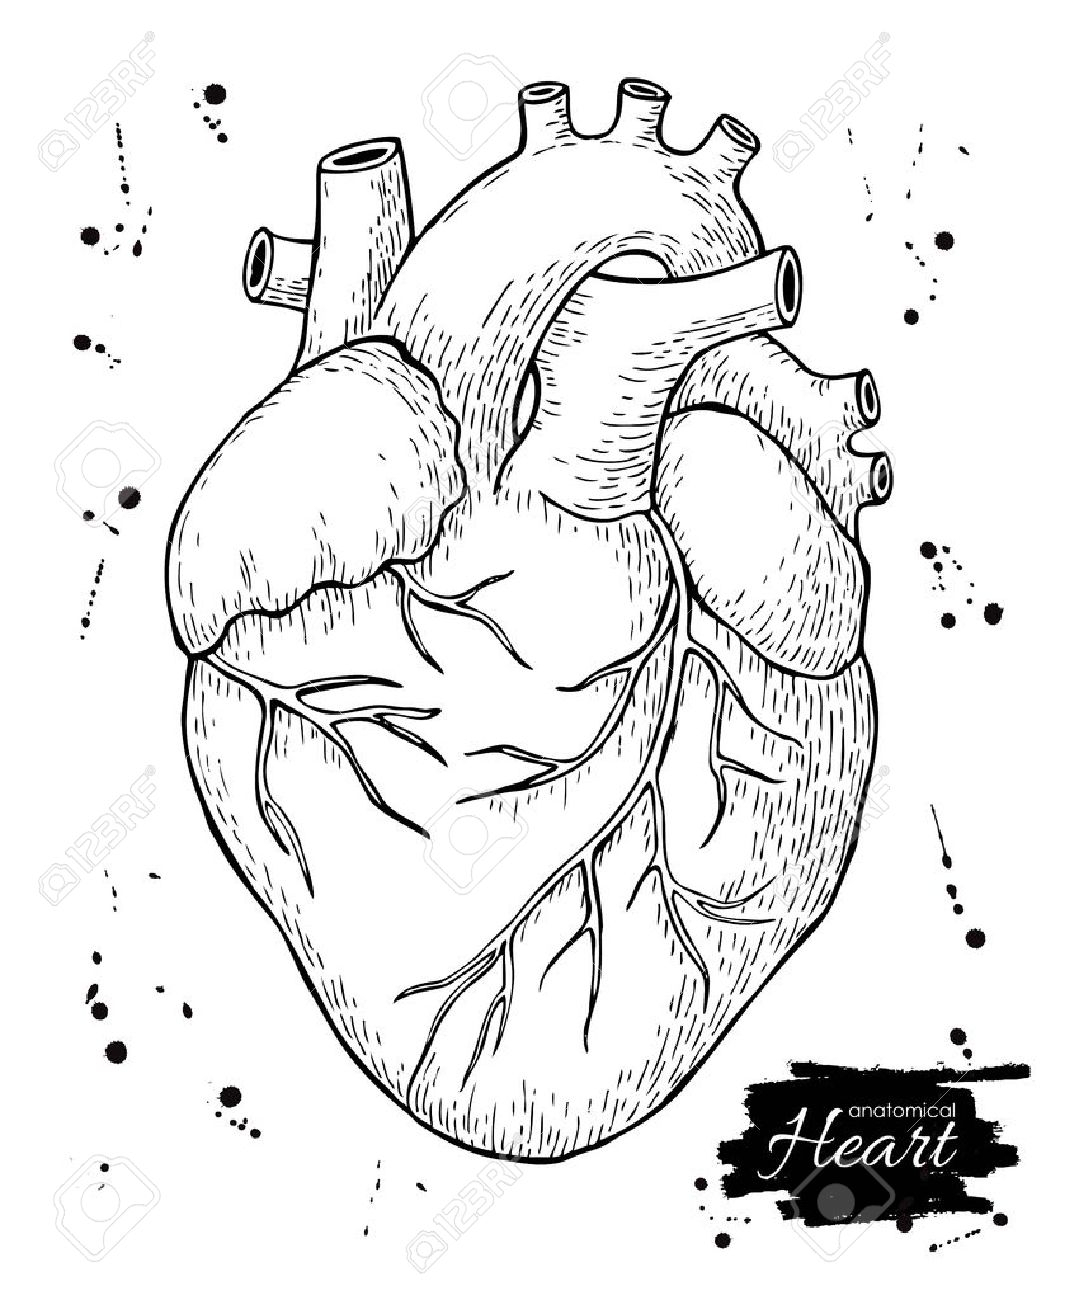 Anatomical Drawing Heart At Getdrawings